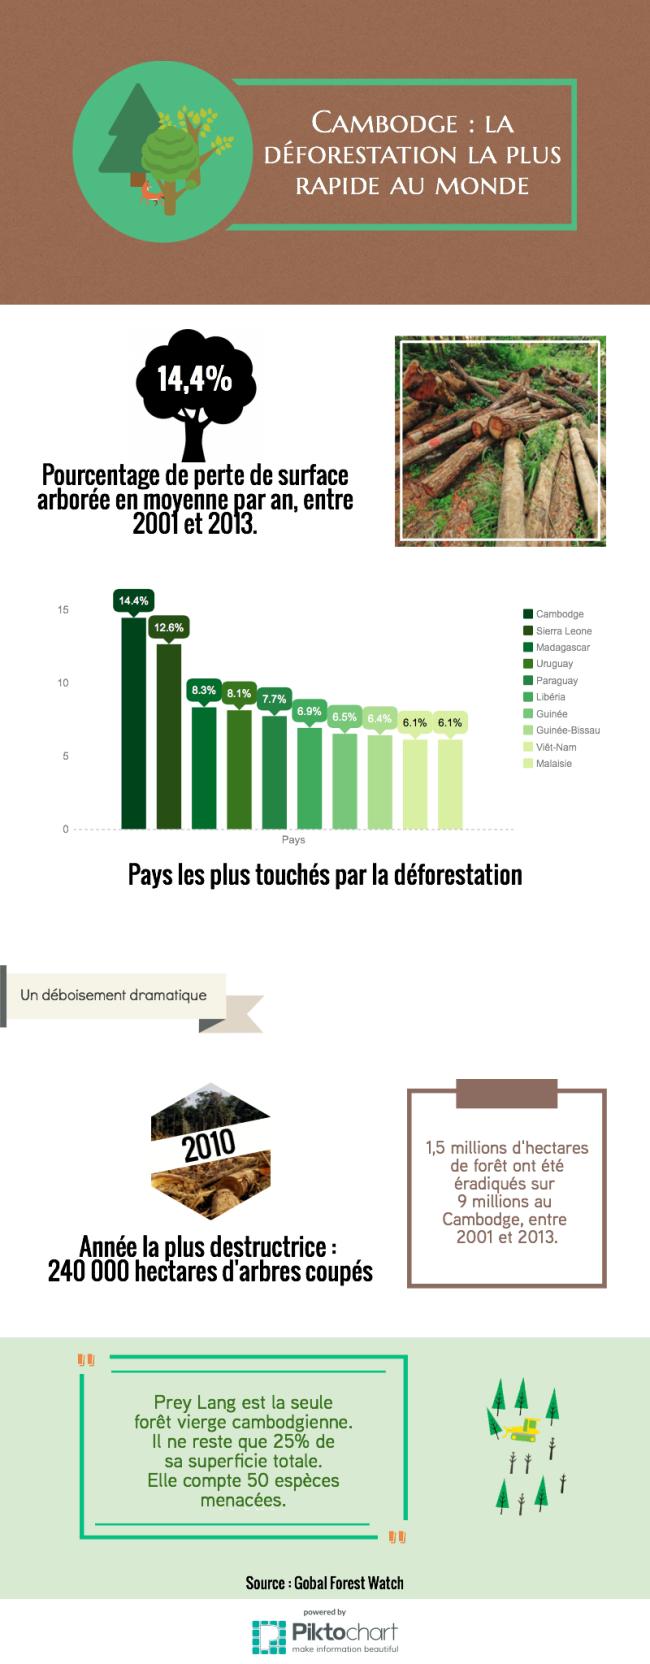 INFOGRAPHIE - Cambodge la déforestation la plus rapide du monde